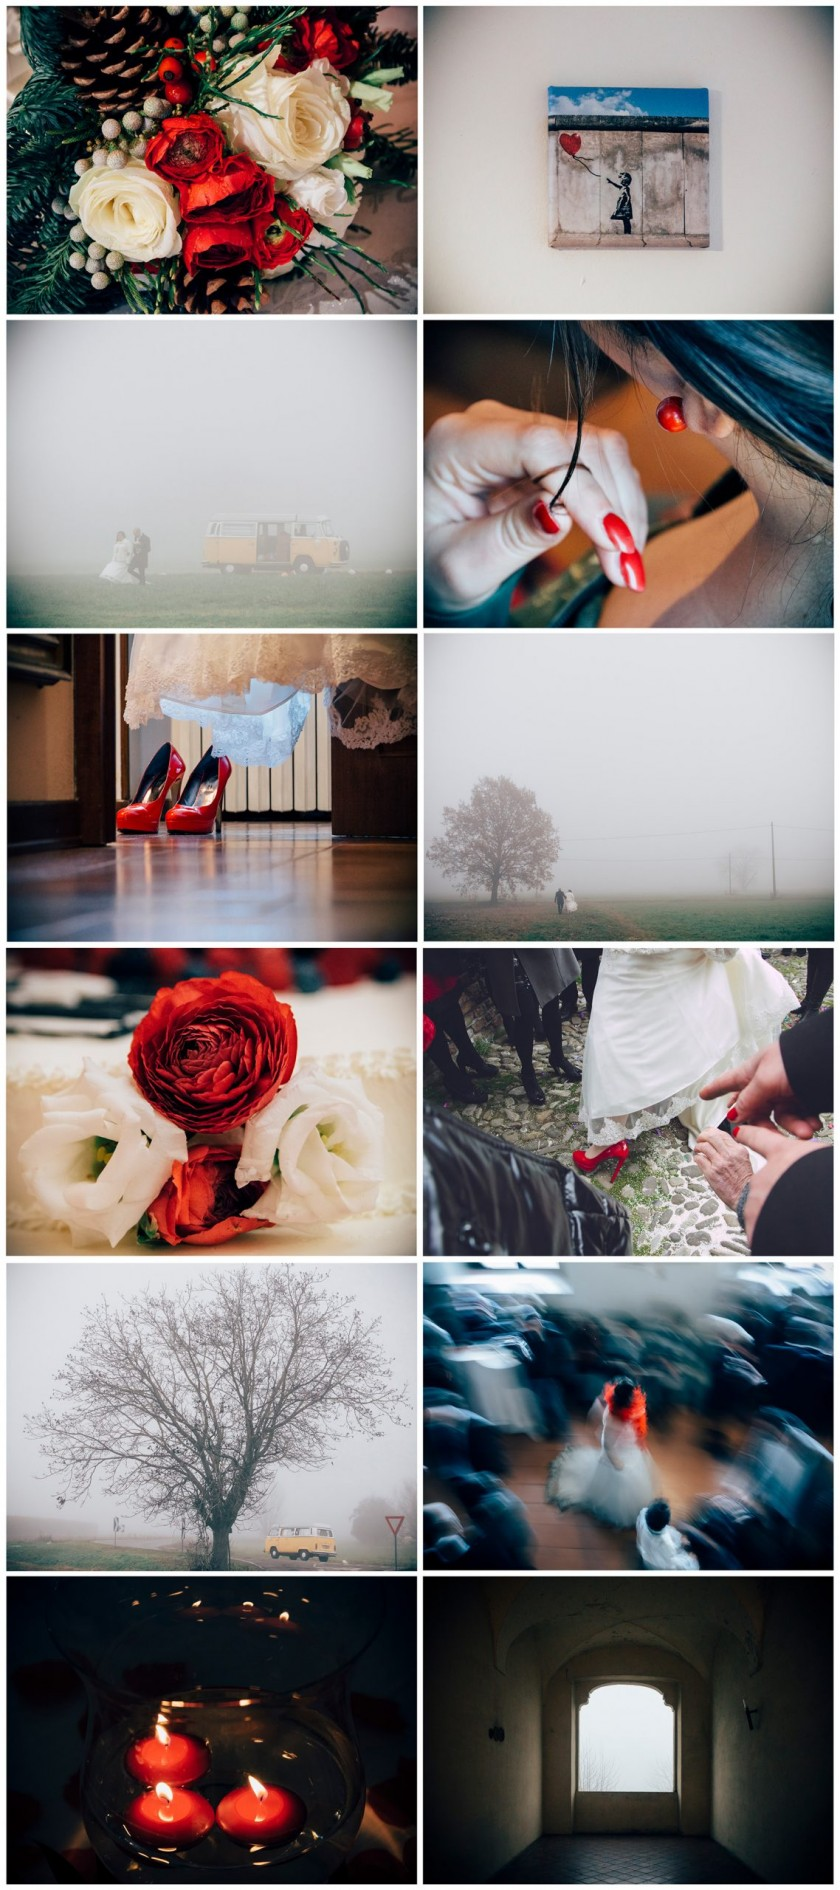 stile, moodboard, moodboards, ispirazione foto matrimonio, matrimonio in inverno, idea, creatività, fotografo matrimonio parma, fotografie matrimonio, raccontare una storia, stefano brianti